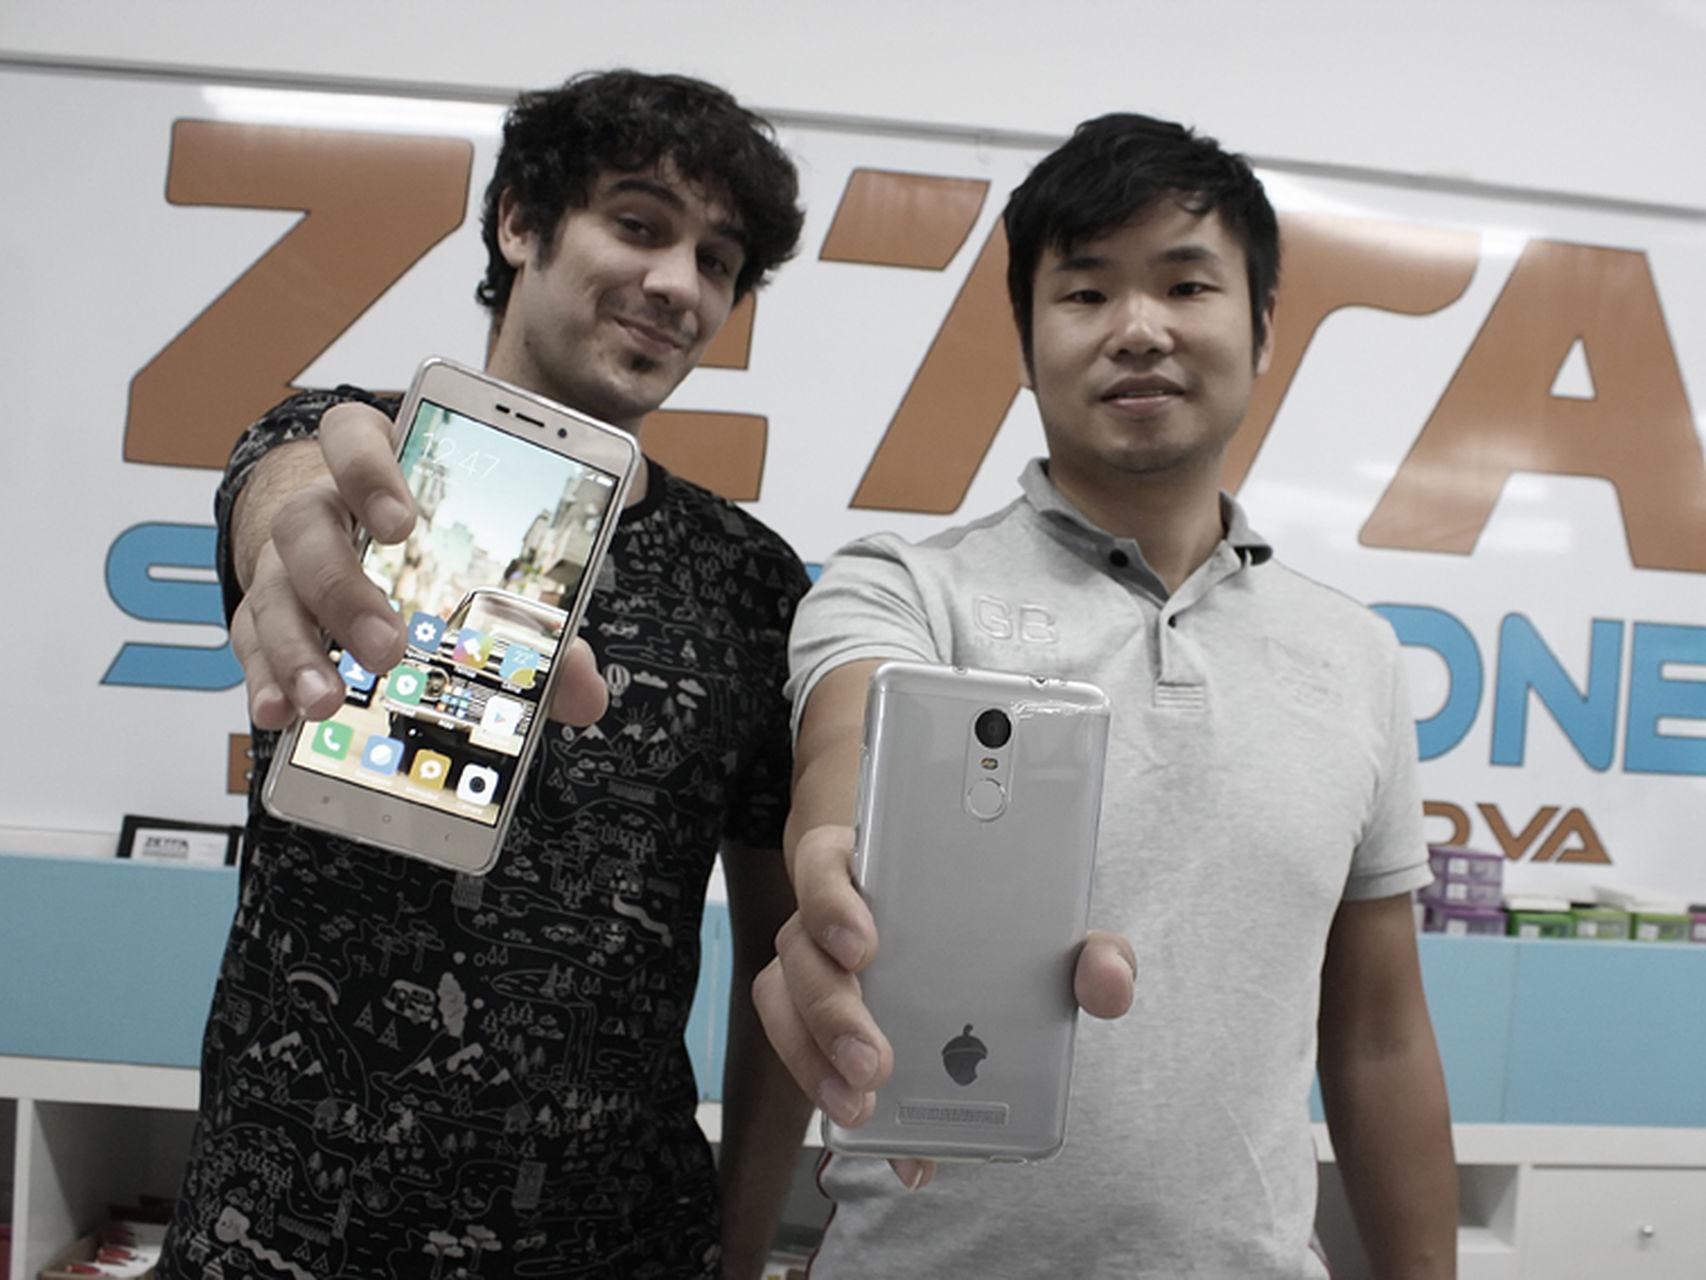 Unai Nieto, que se presenta como cofundador de Zetta, junto al propietario de la empresa, Bojun Cui. | Imagen: Rafa Gasso (El Español).